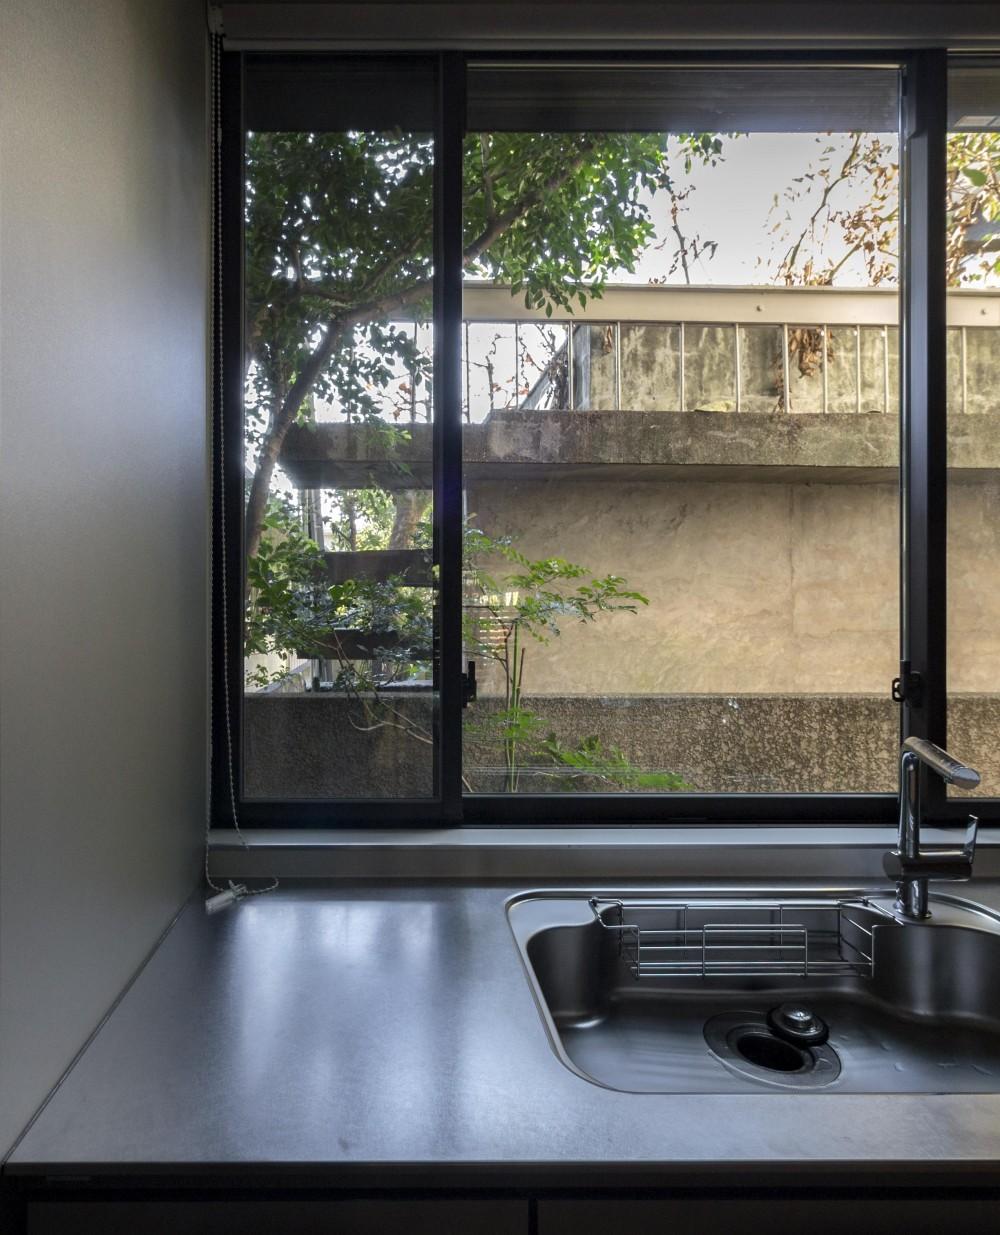 世代交代した家 となり (緑の借景を取り入れたキッチンの窓)